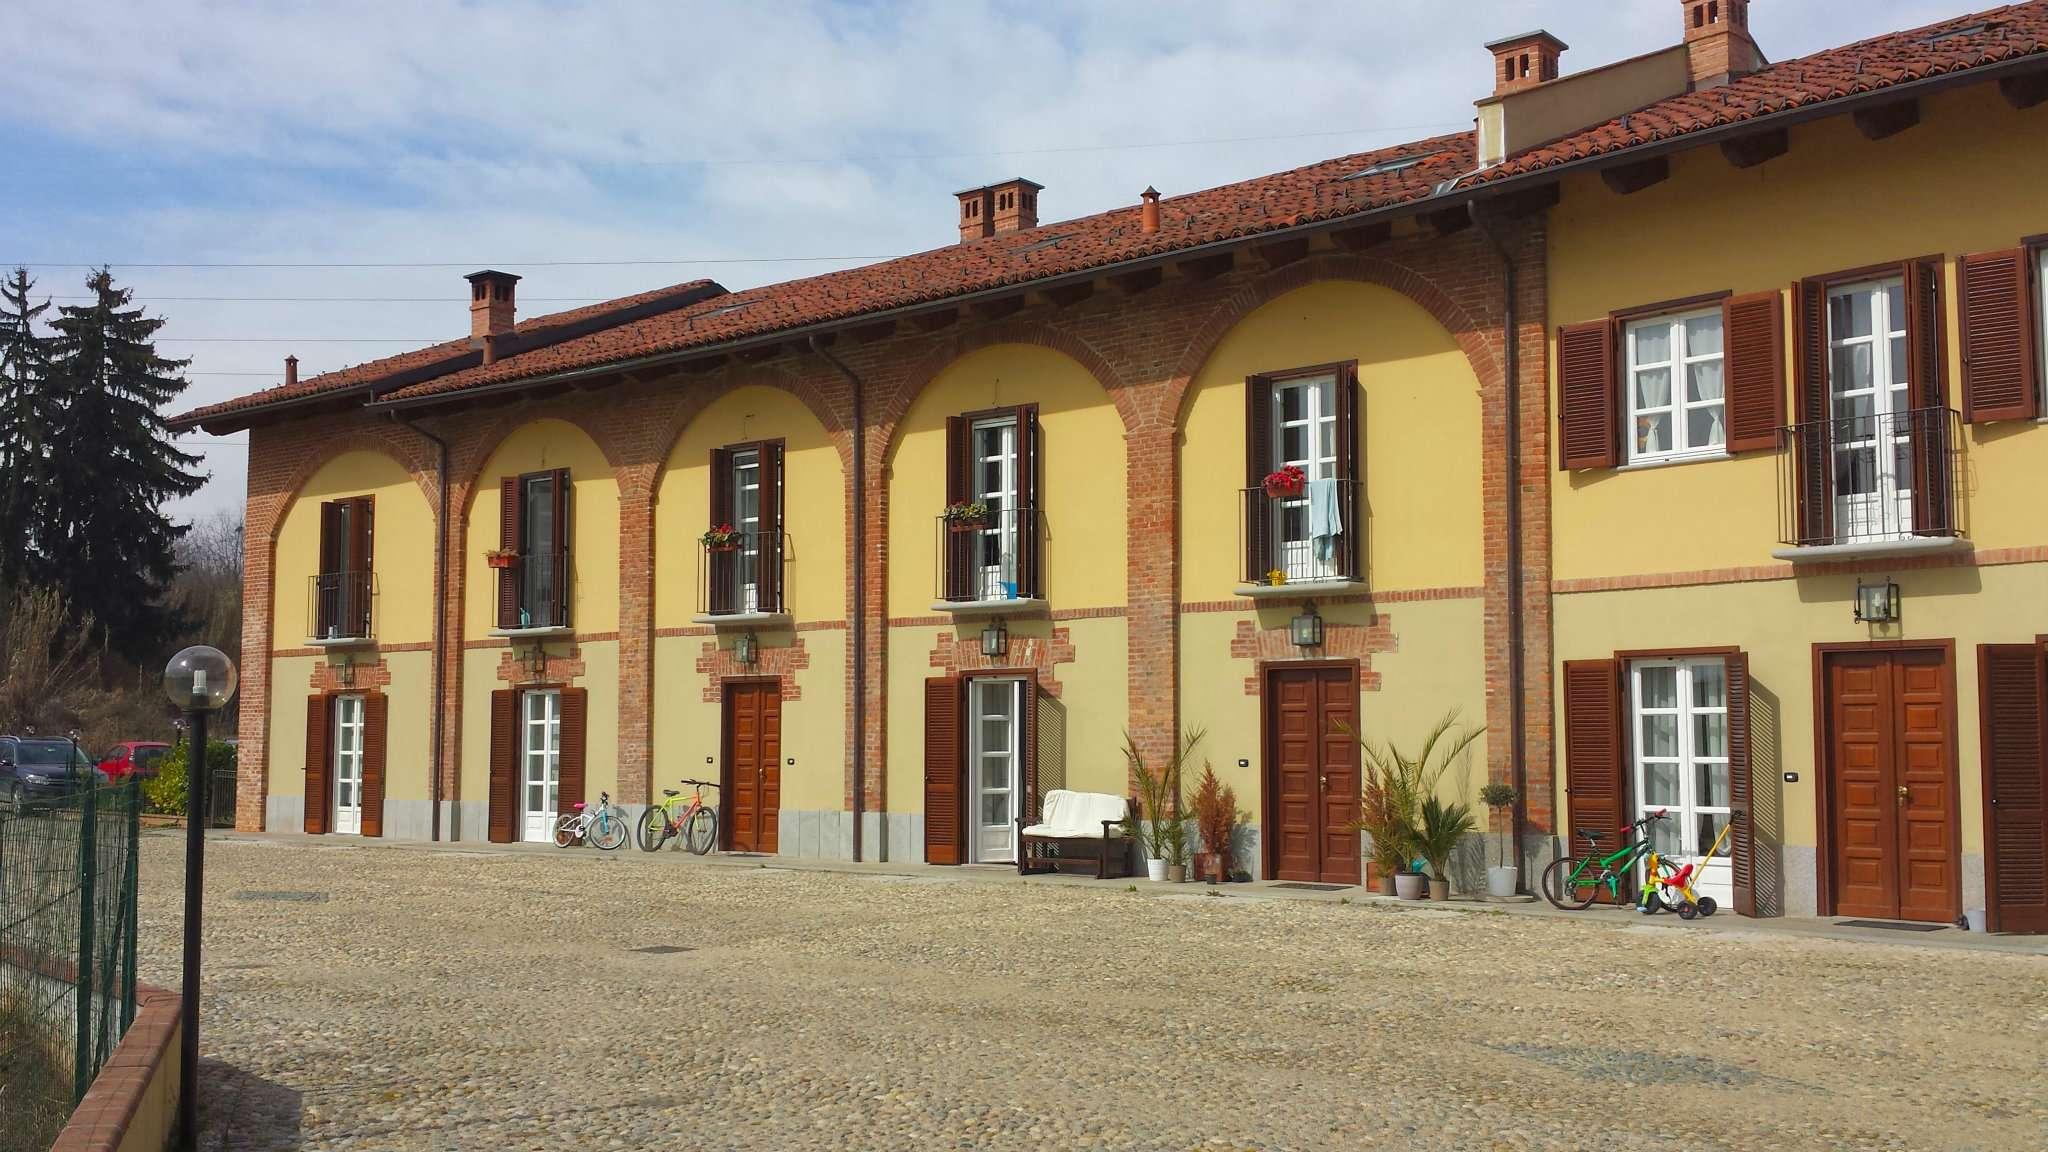 Villa in vendita a Trofarello, 7 locali, prezzo € 290.000 | Cambio Casa.it